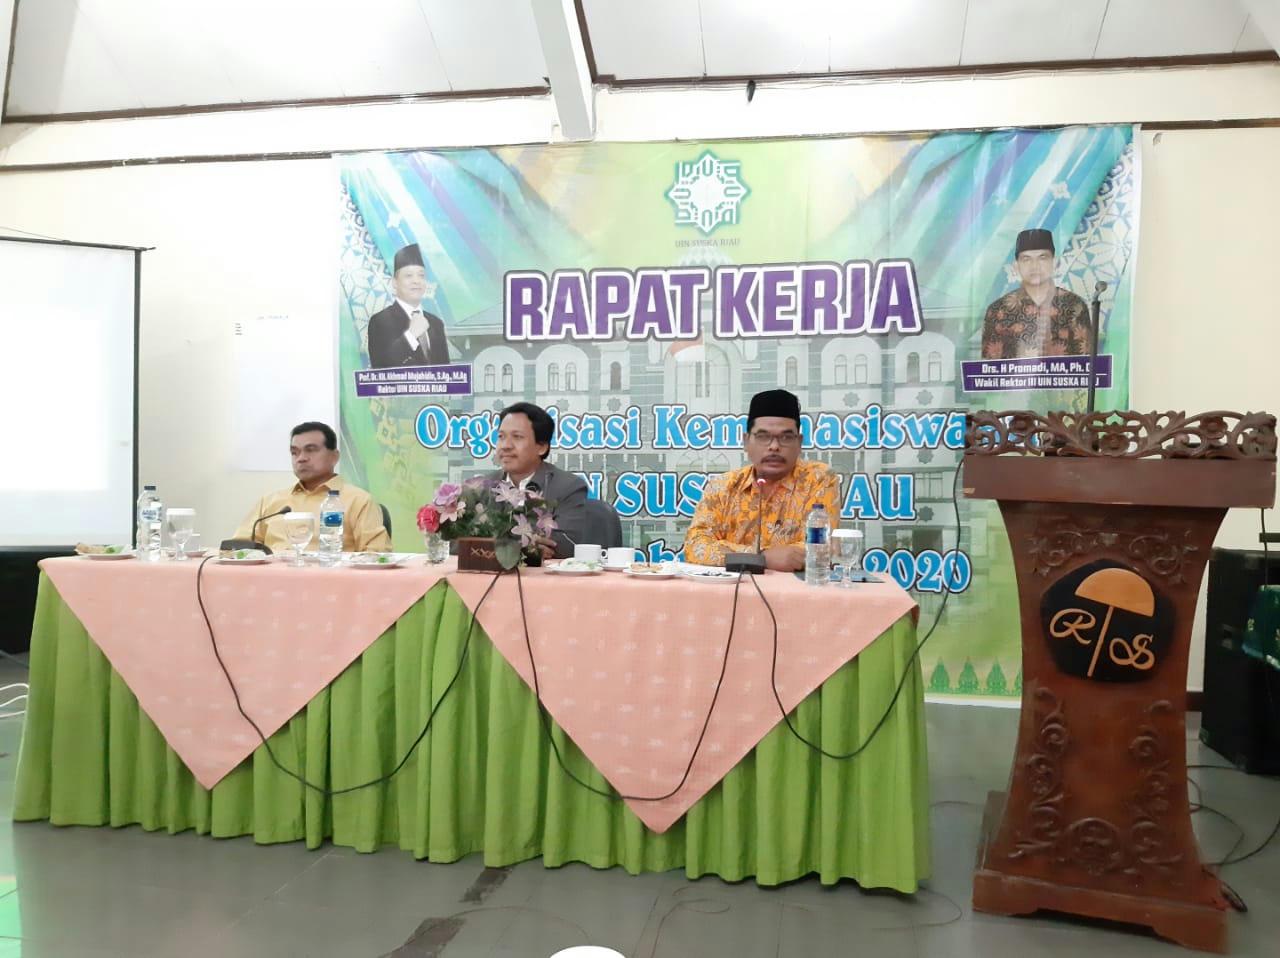 Raker Kemahasiswaan UIN Suska Riau: Ormawa Titik Sentral Membangun Idealisme Mahasiswa